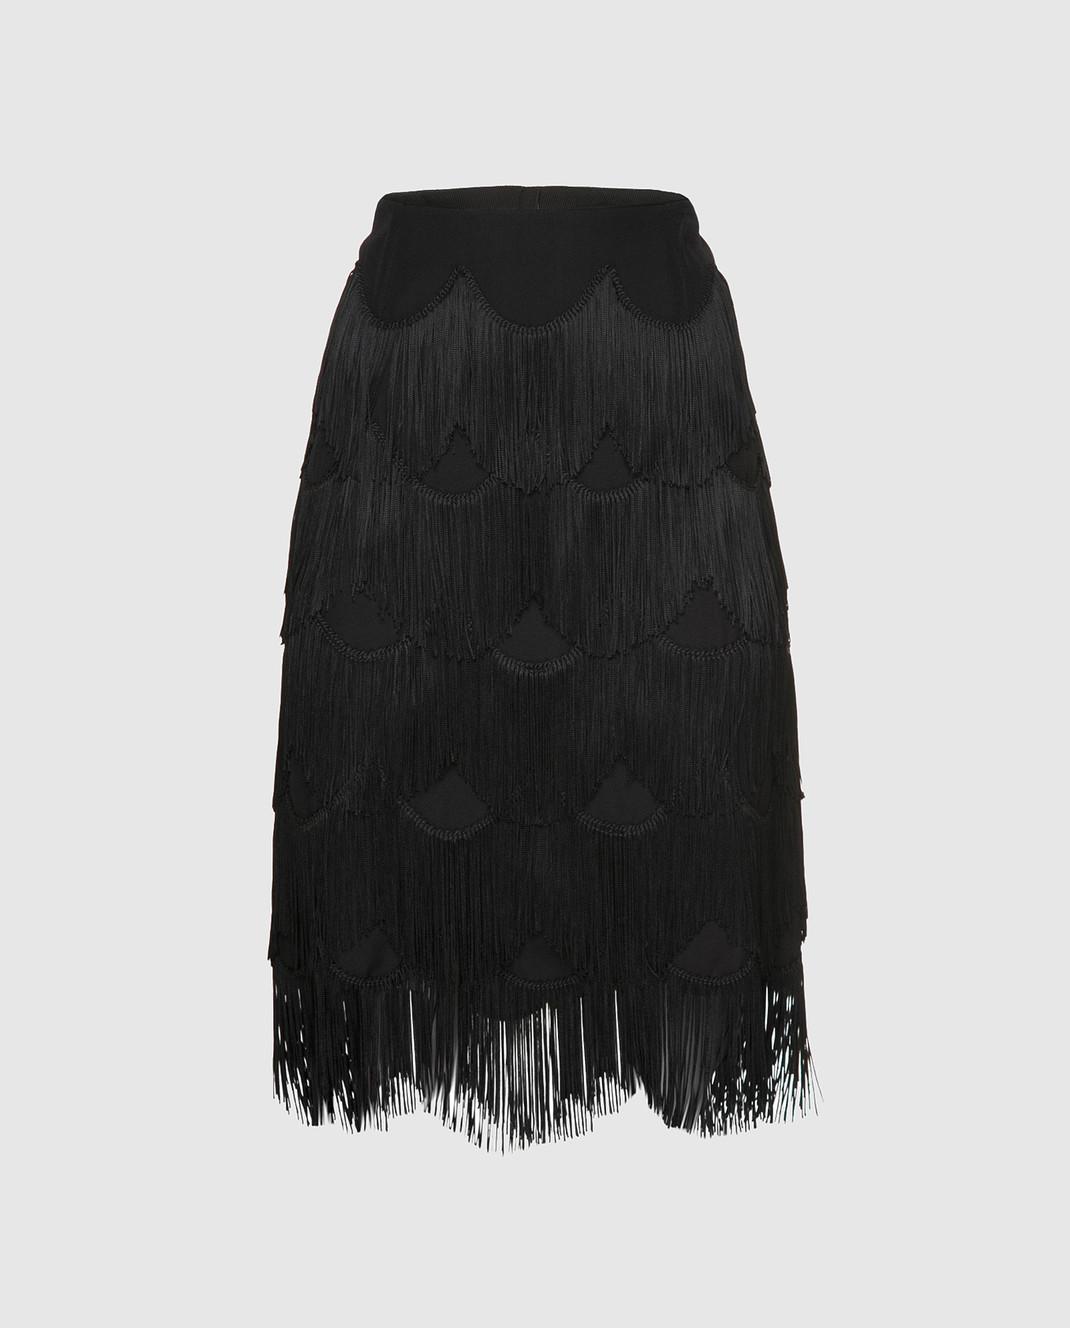 Marc Jacobs Черная юбка с бахромой M4007189